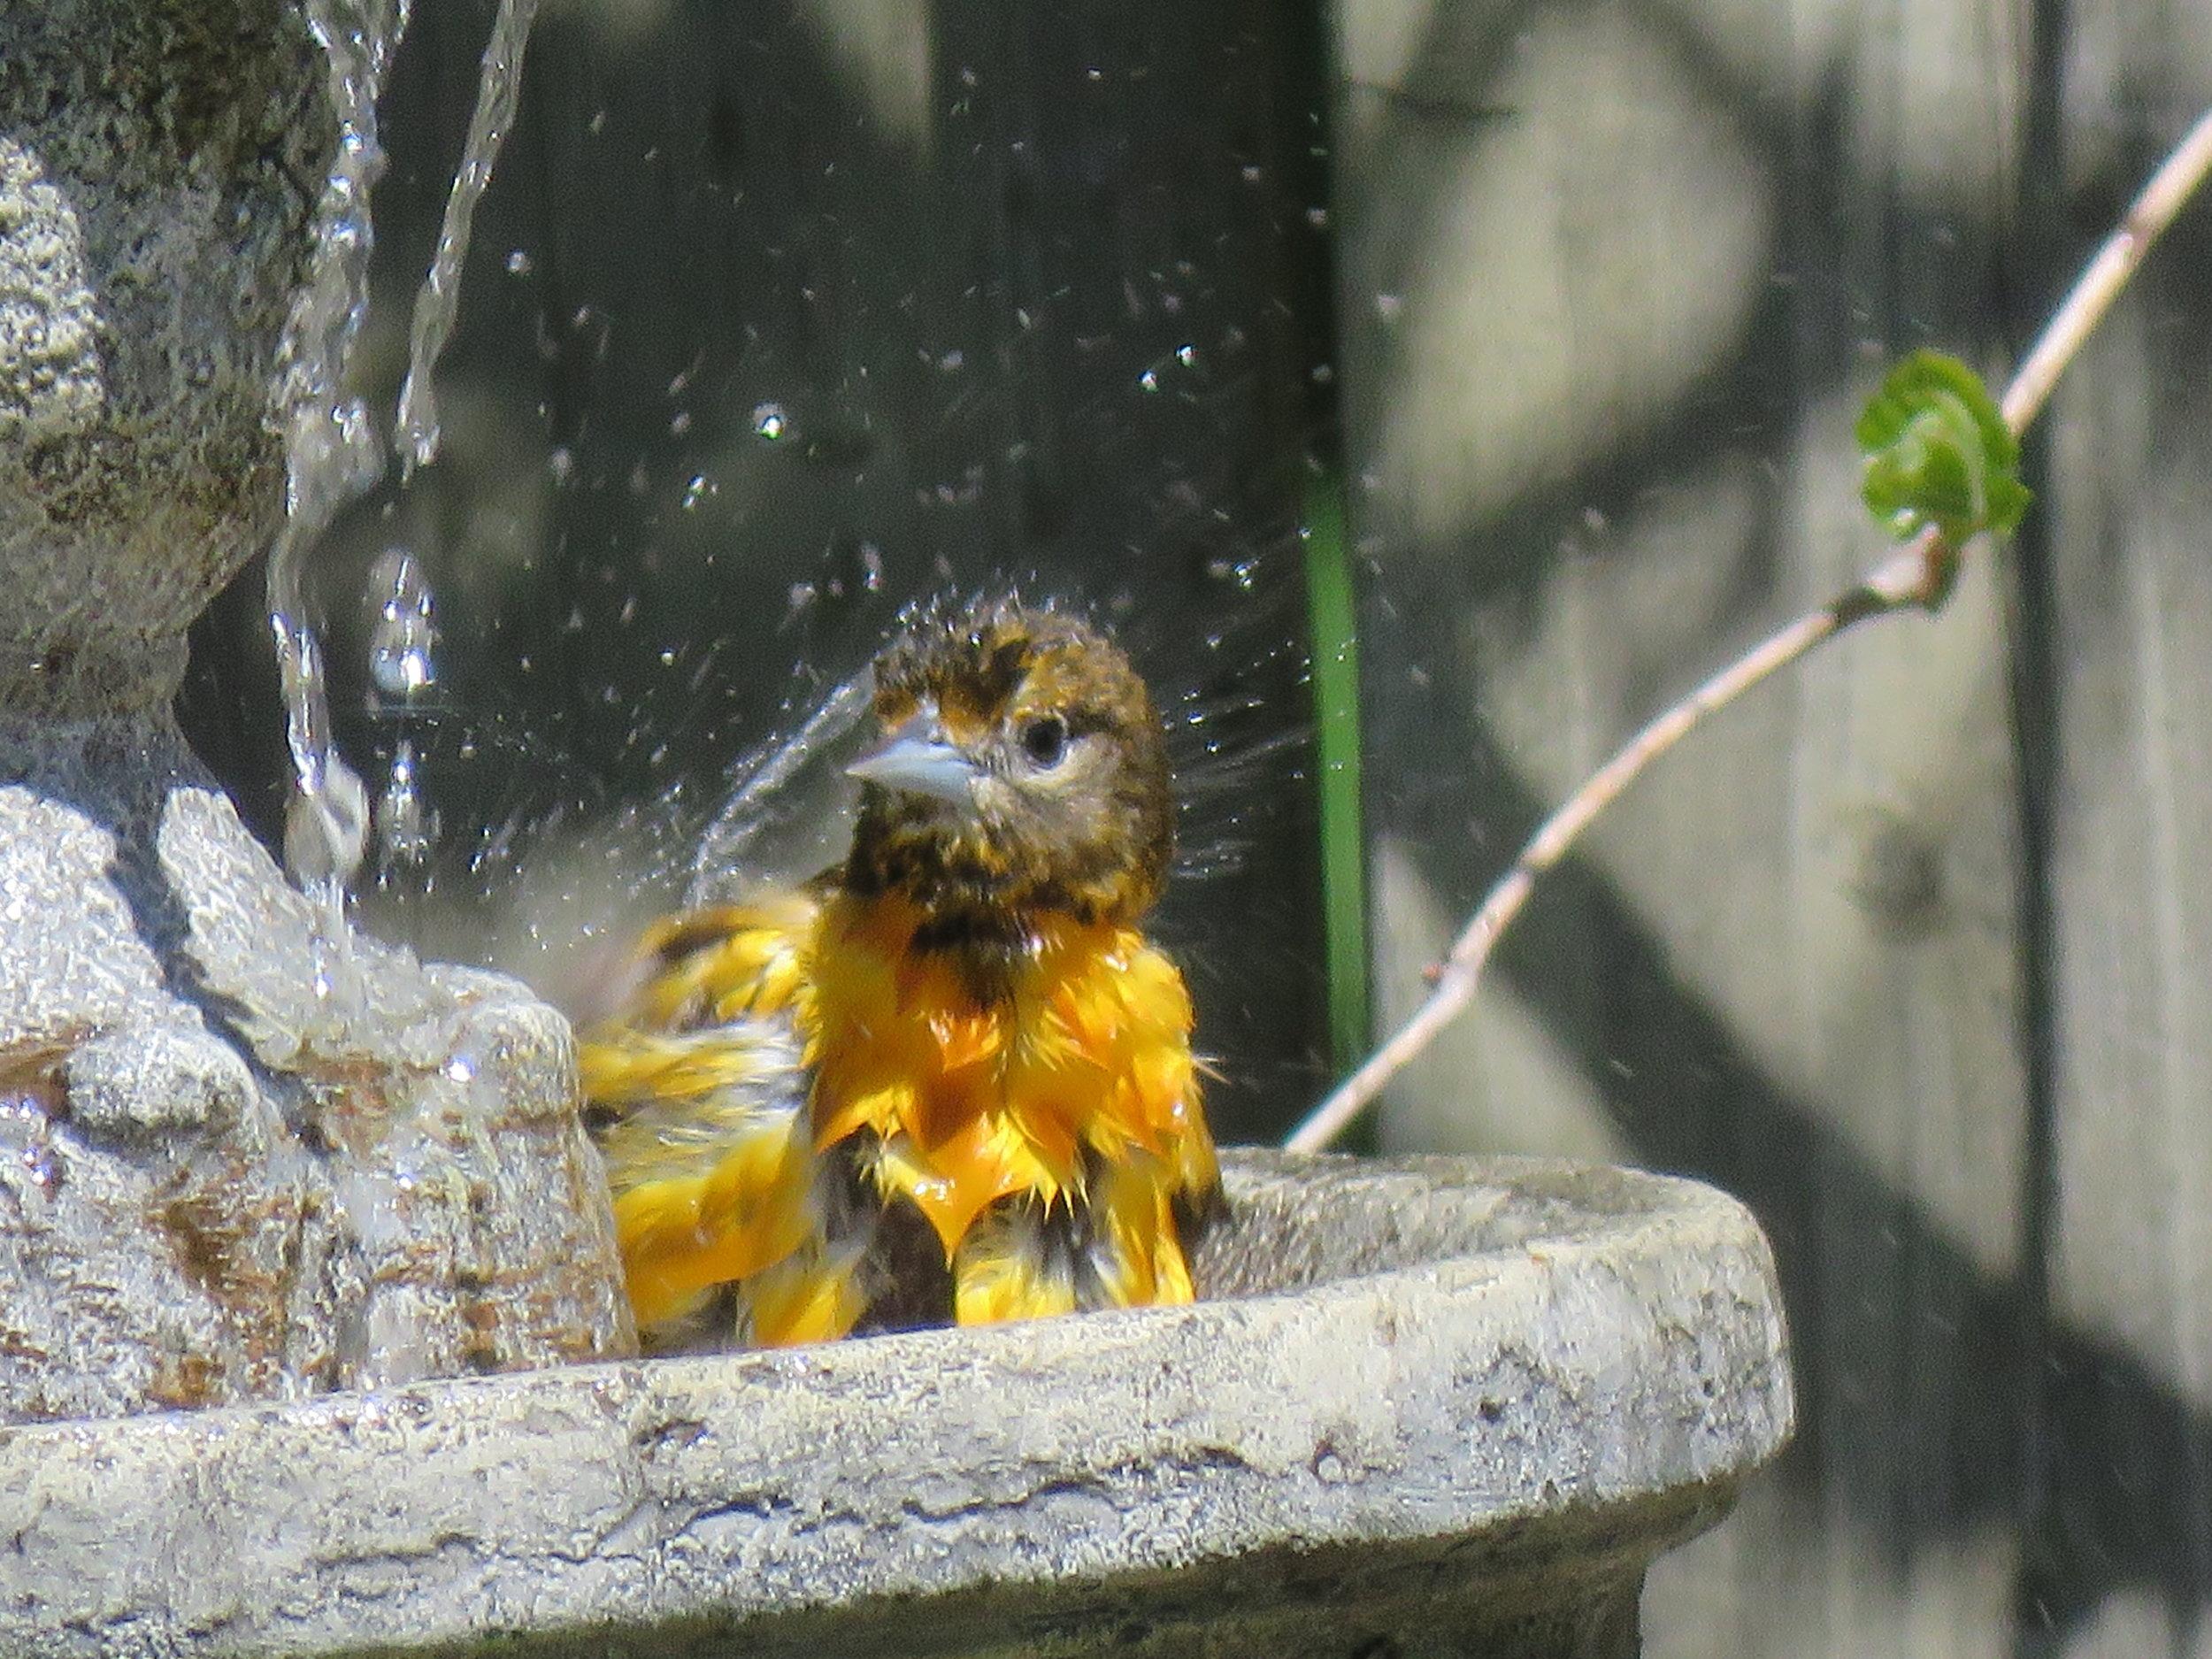 Baltimore Oriole enjoying our fountain